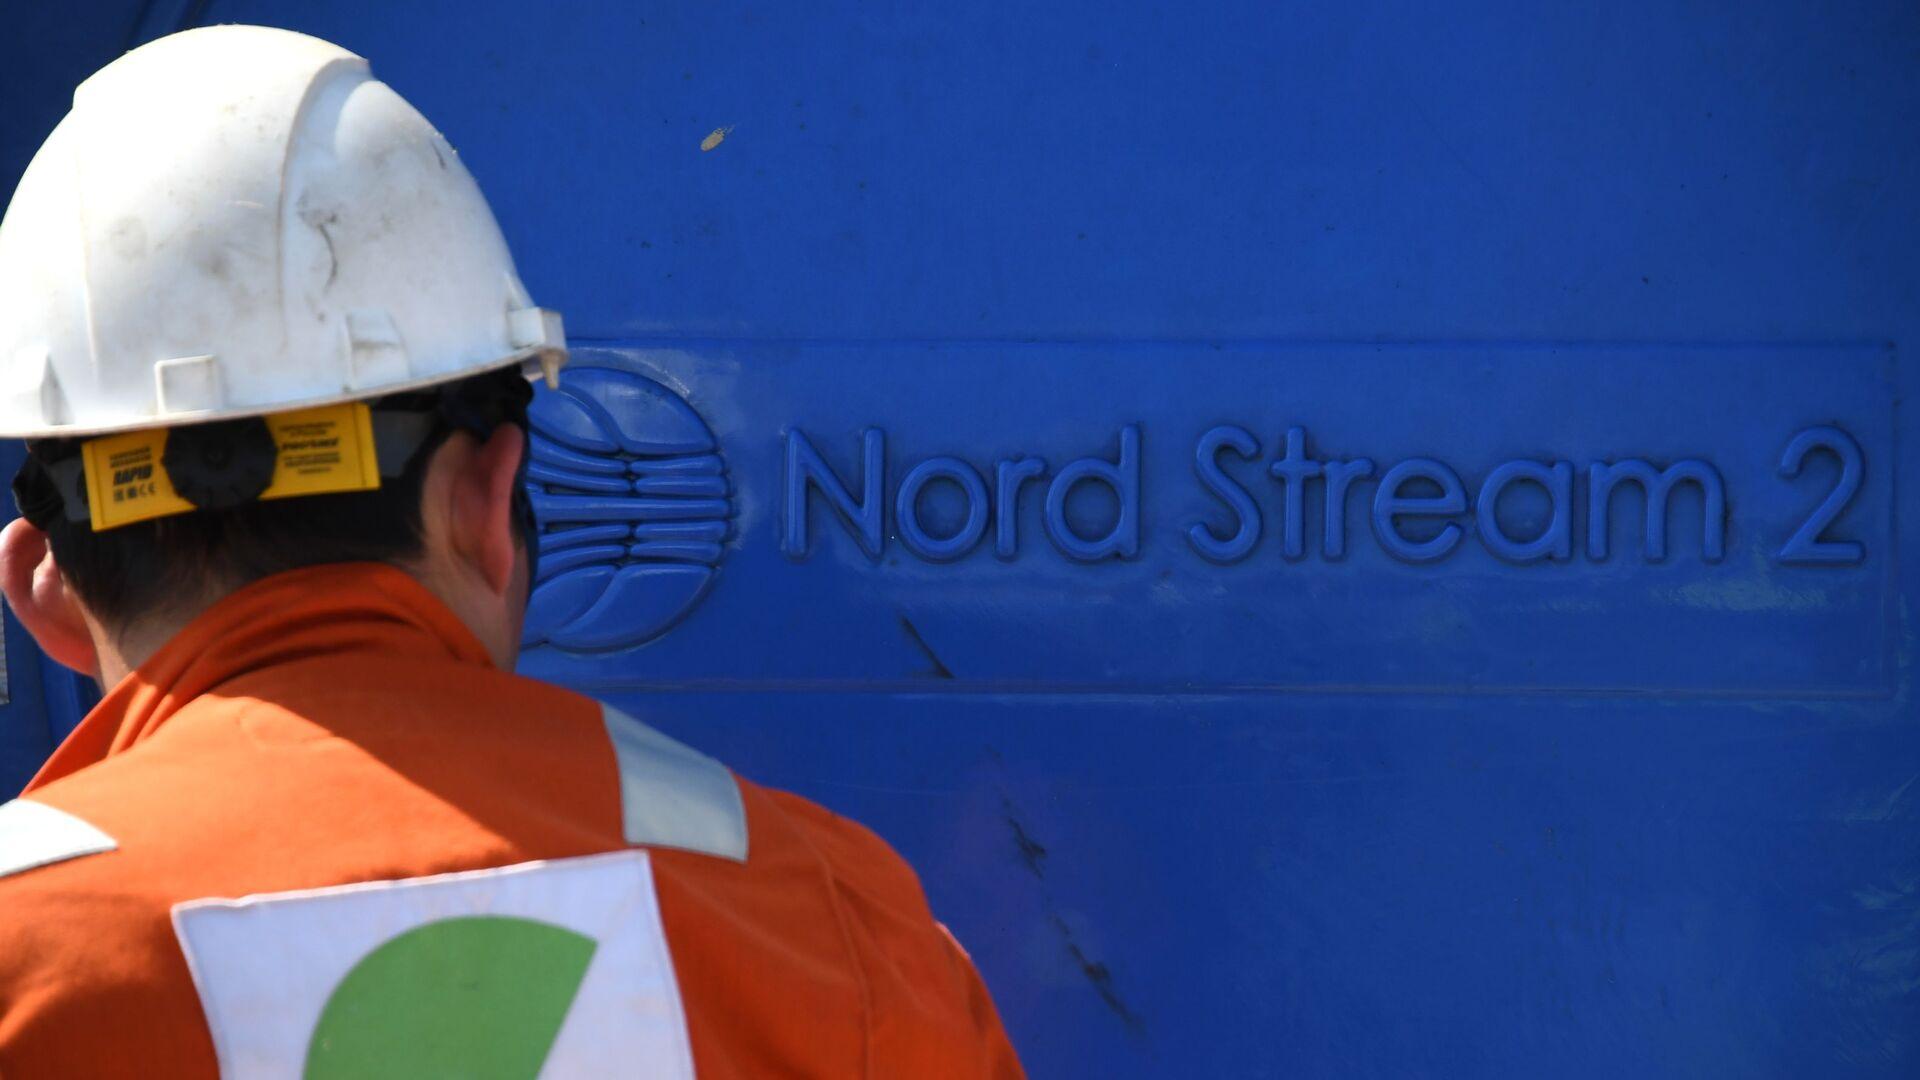 Un empleado invoclucrado en la construcción del gasoducto Nord Stream 2 - Sputnik Mundo, 1920, 12.02.2021